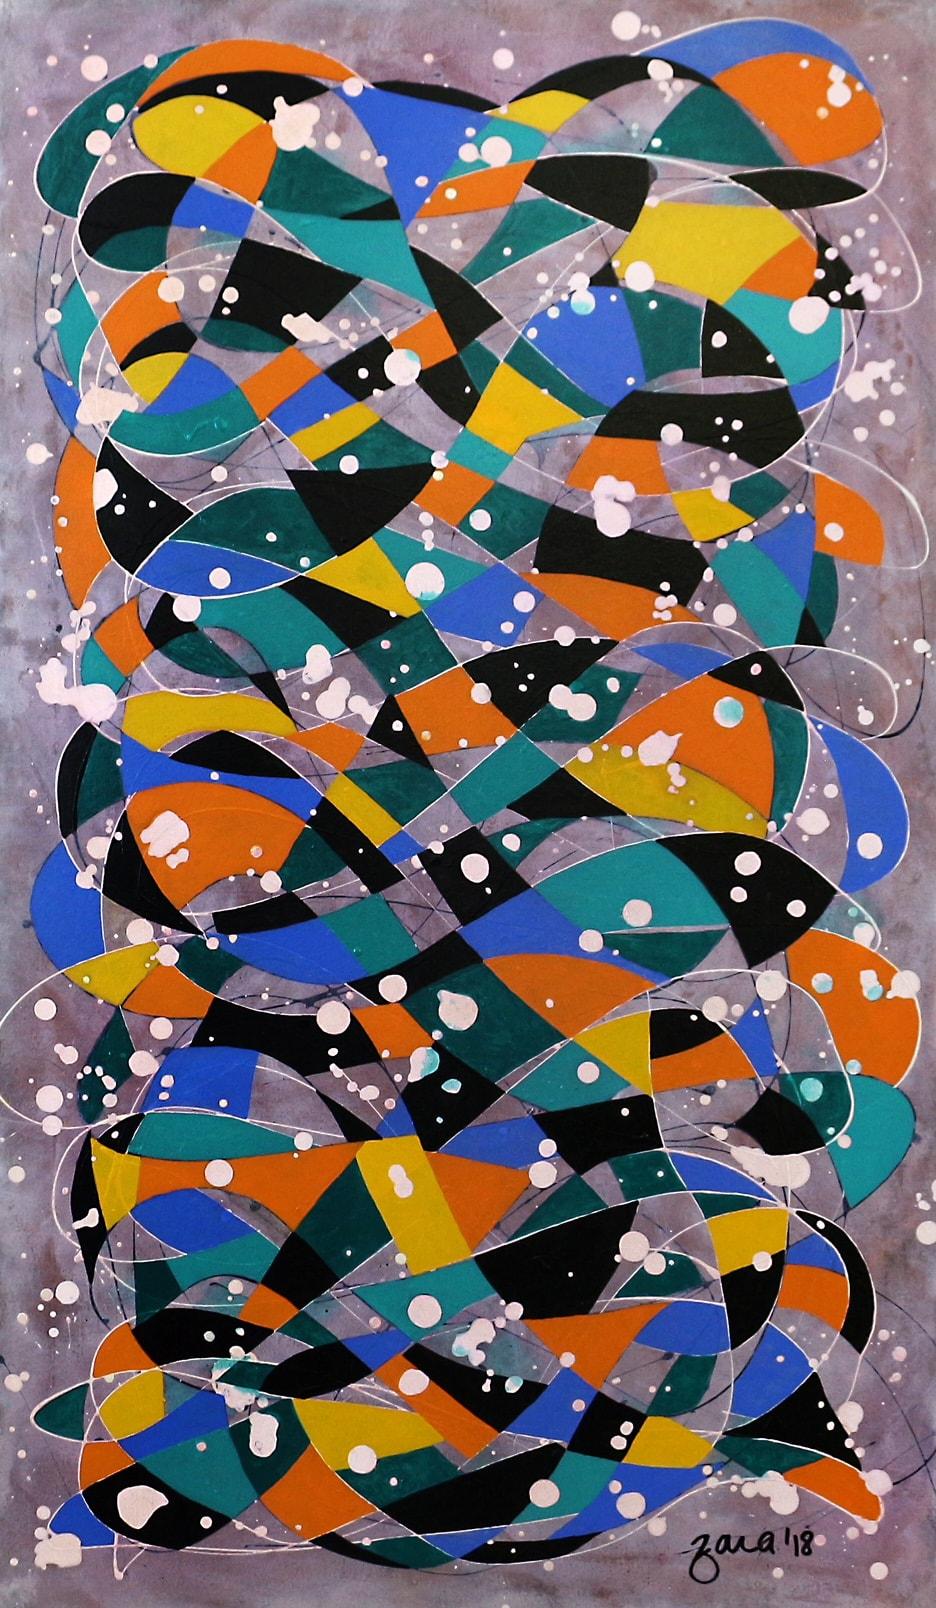 Disarray, 24 x 42 Inch, Acrylic on Canvas, AC-ZRK-007